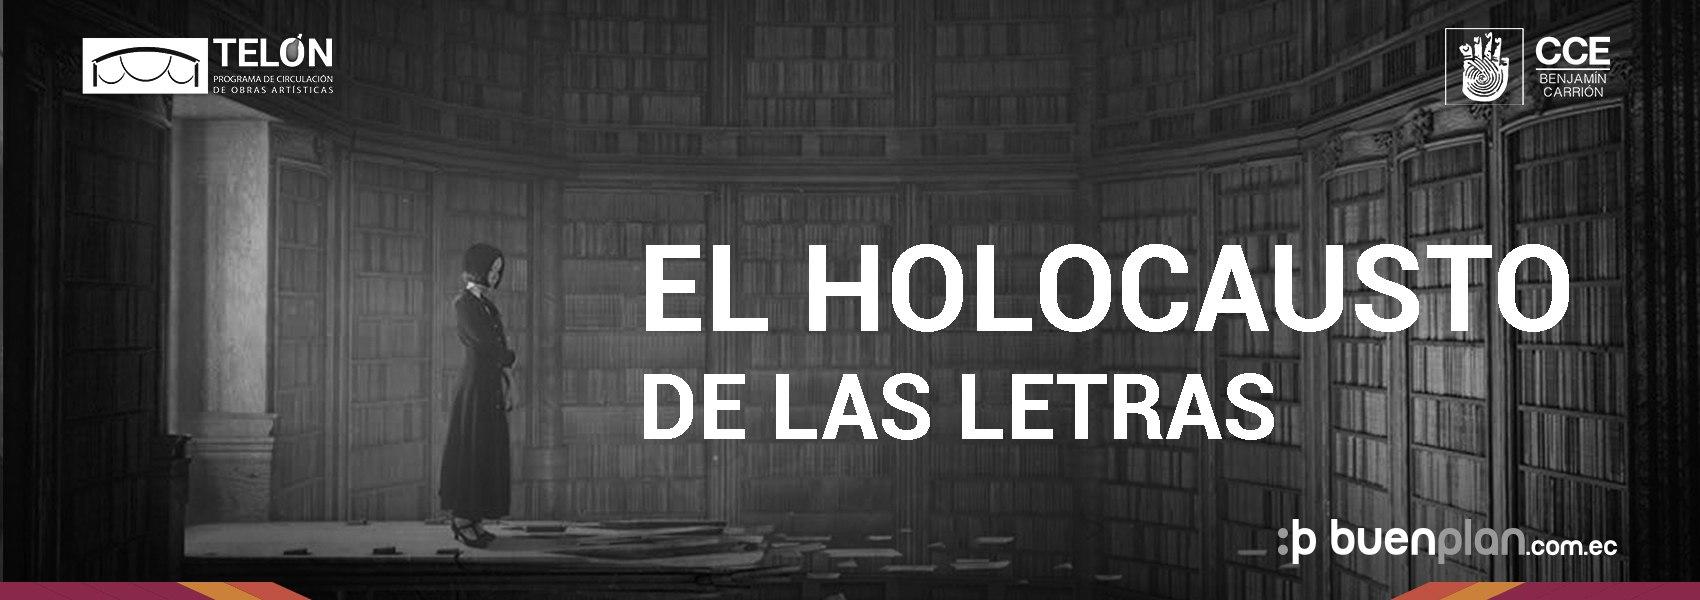 El Holocausto de las Letras - 28 de Junio  en Quito, BuenPlan